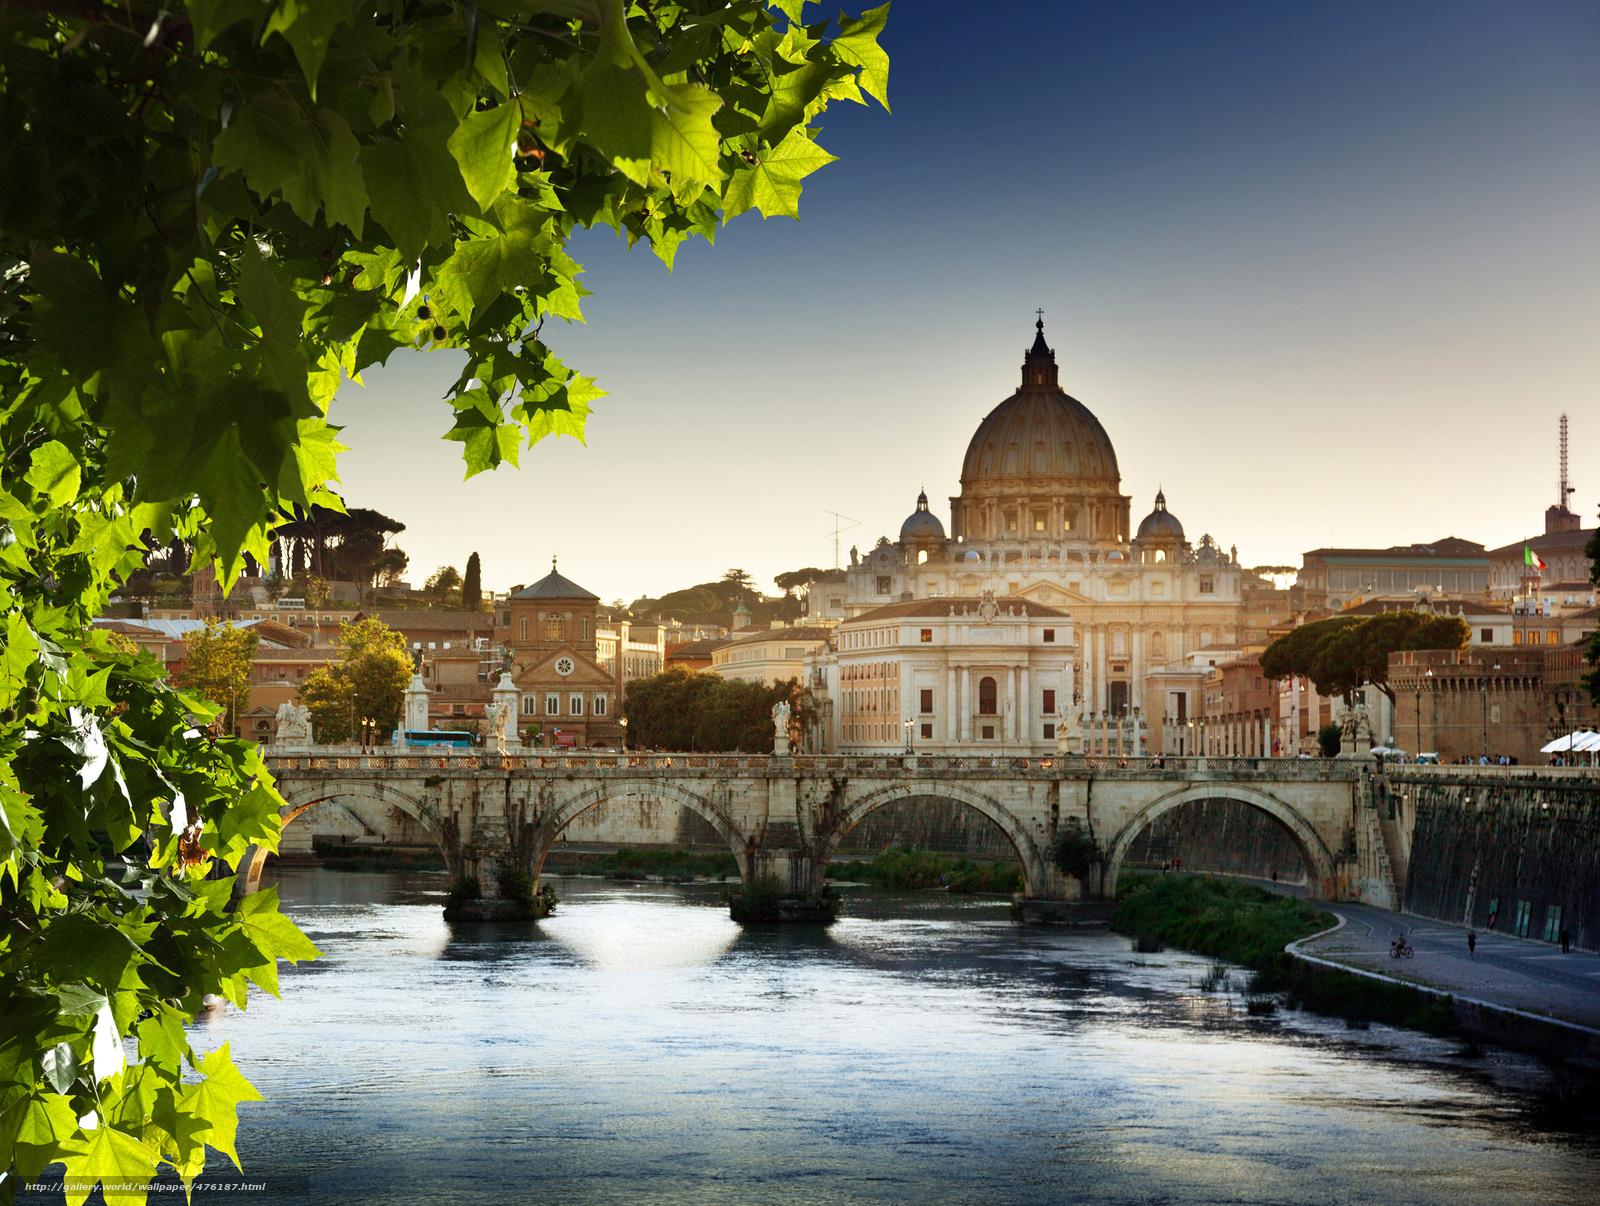 tlcharger fond decran rome - photo #23